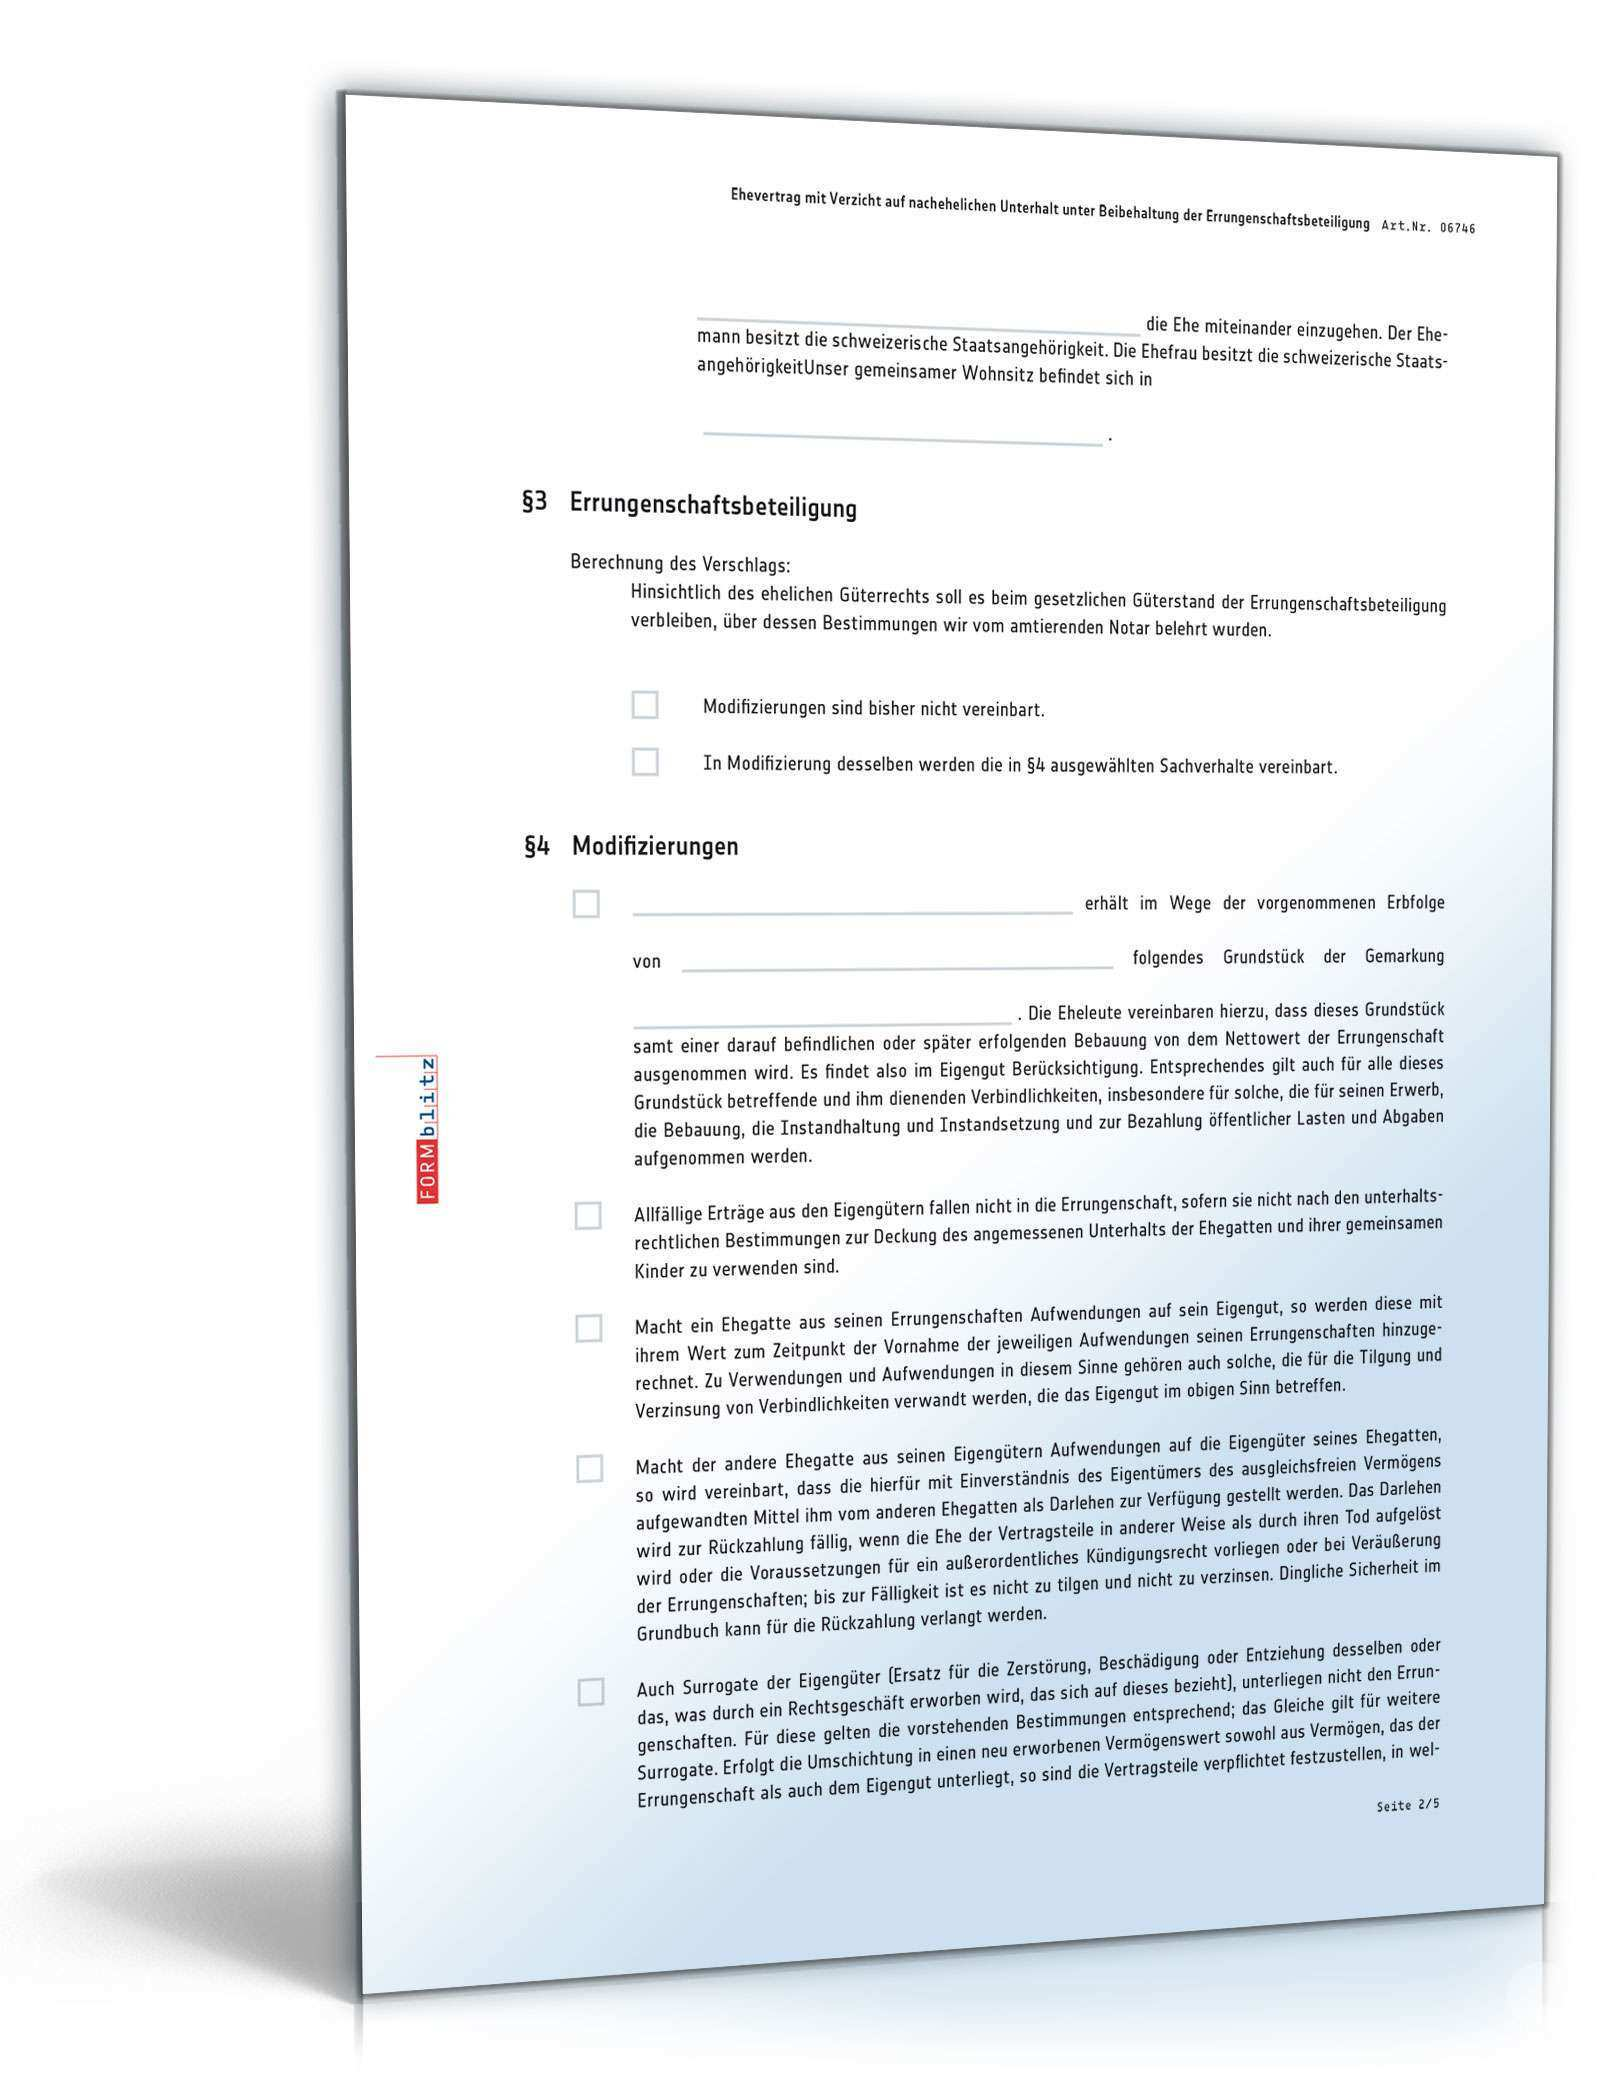 Ehevertrag Verzicht Auf Nachehelichen Unterhalt Beibehaltung Errungenschaftsbeteiligung Muster Vorlage Zum Download